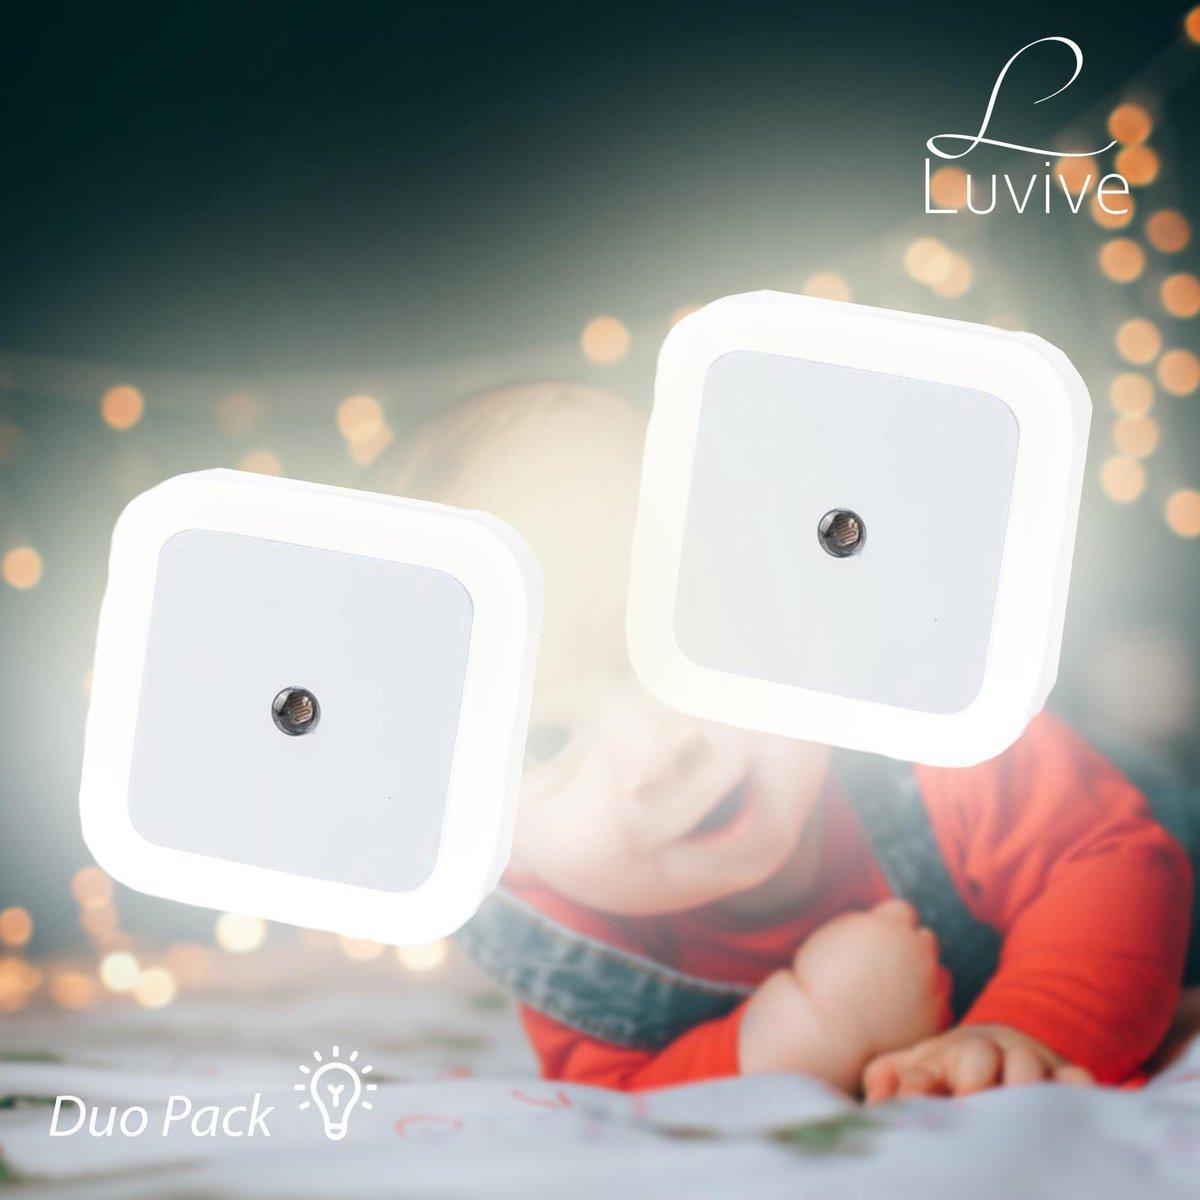 2 stuks Luvive LED Nachtlampje Stopcontact - Inclusief beveiliging - Kinderen & Baby - Babykamer - Nachtlampje - Dag en Nacht Sensor - kinderkamer - Nachtlampje Babykamer - Verlichting - Warm Wit